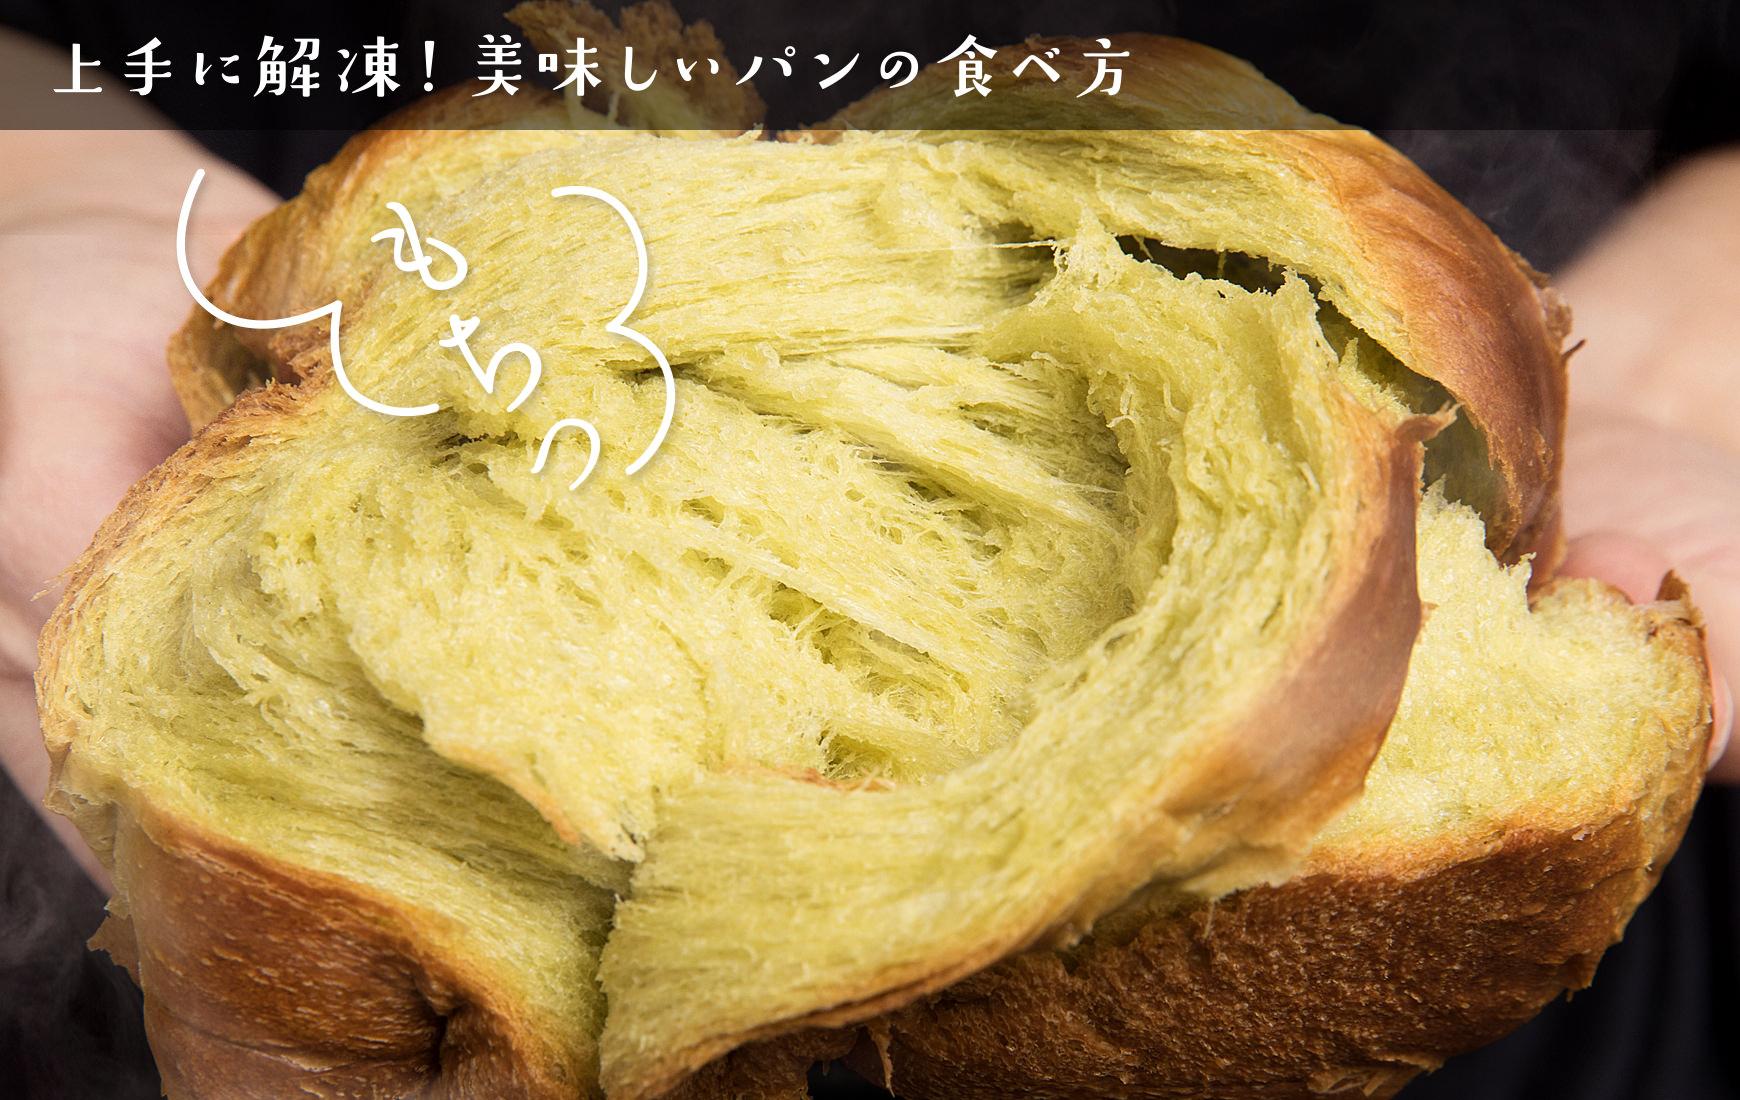 上手に解凍!美味しいパンの食べ方